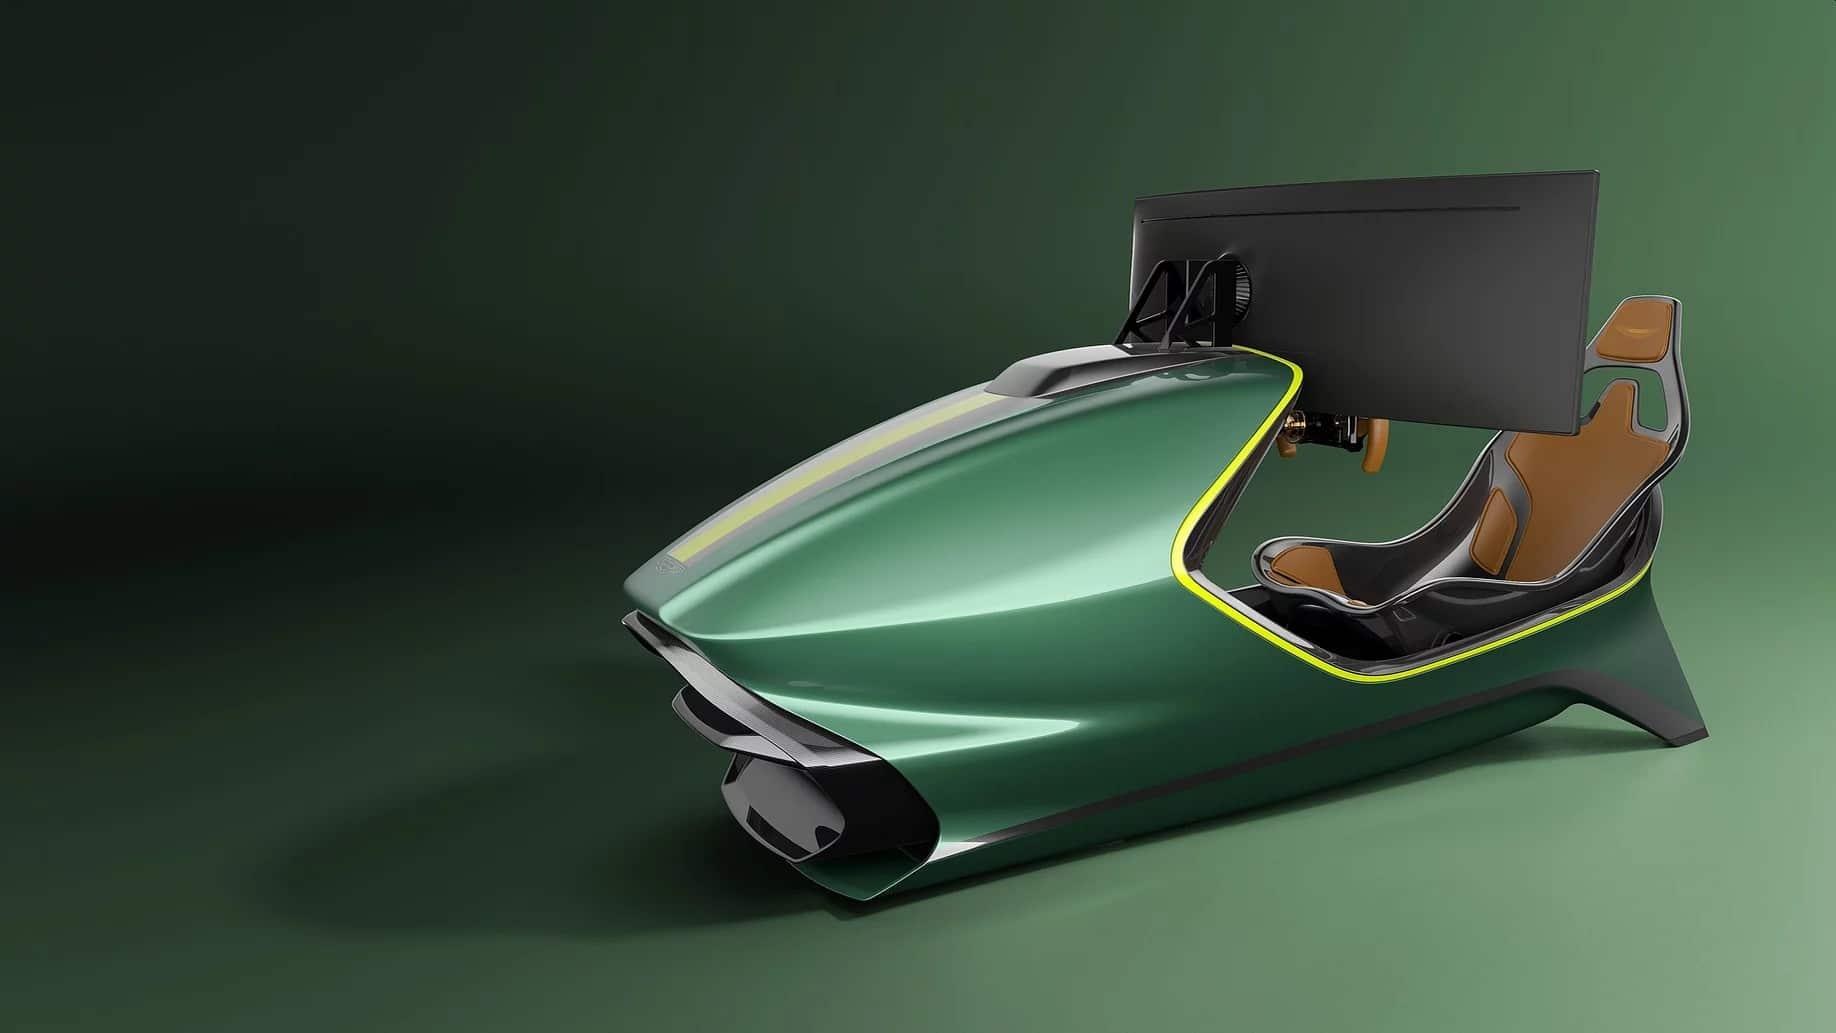 Edel und wirklich ein besonderer Rennsimulator. (Foto: Curv Racing Simulators)